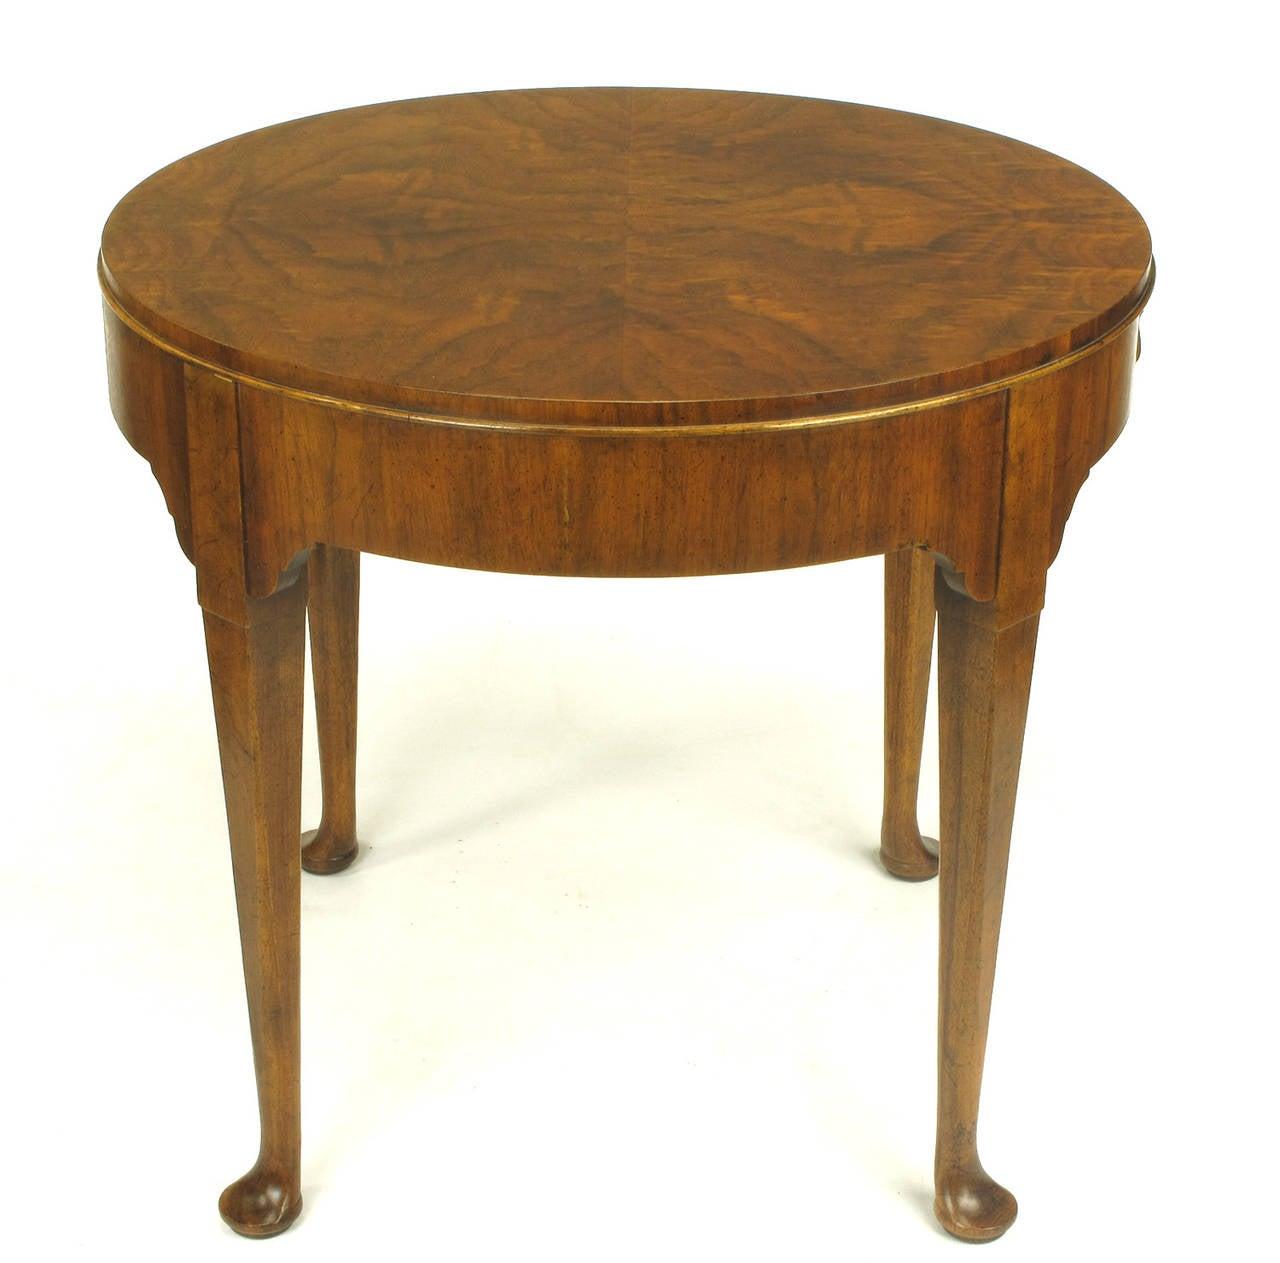 Baker Furniture u0026quot;Milling Roadu0026quot; Figured Walnut Regency Side ...